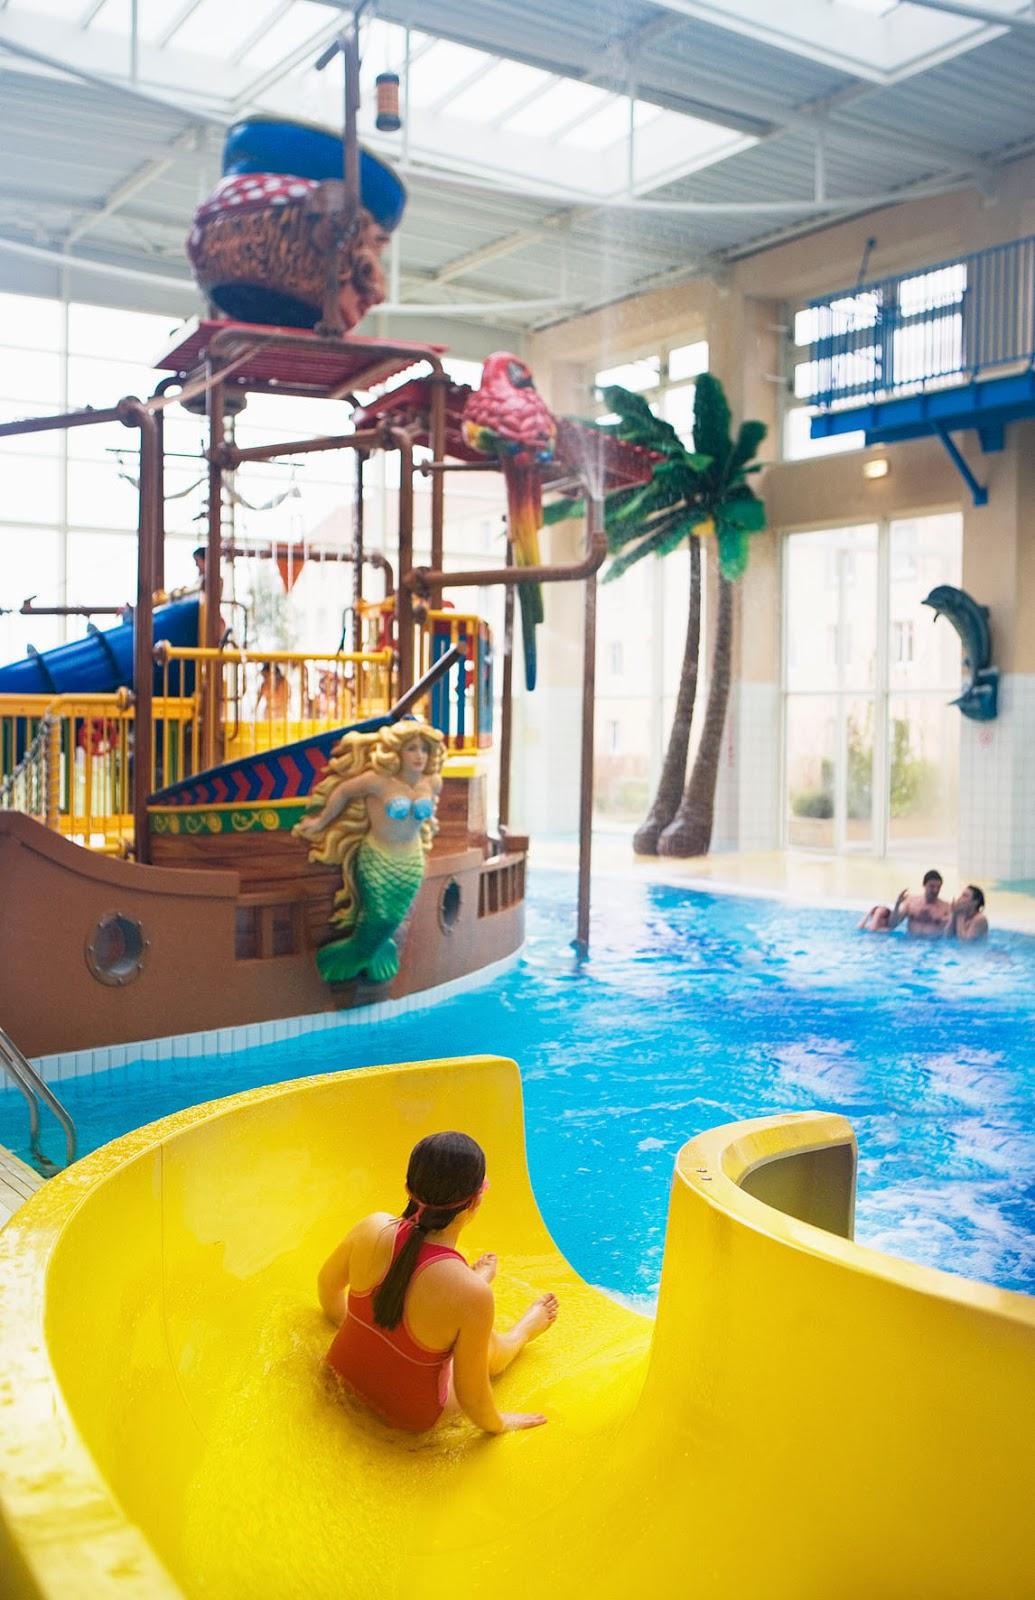 Hoteles para ni os magny le hongre francia hotel for Tobogan piscina ninos